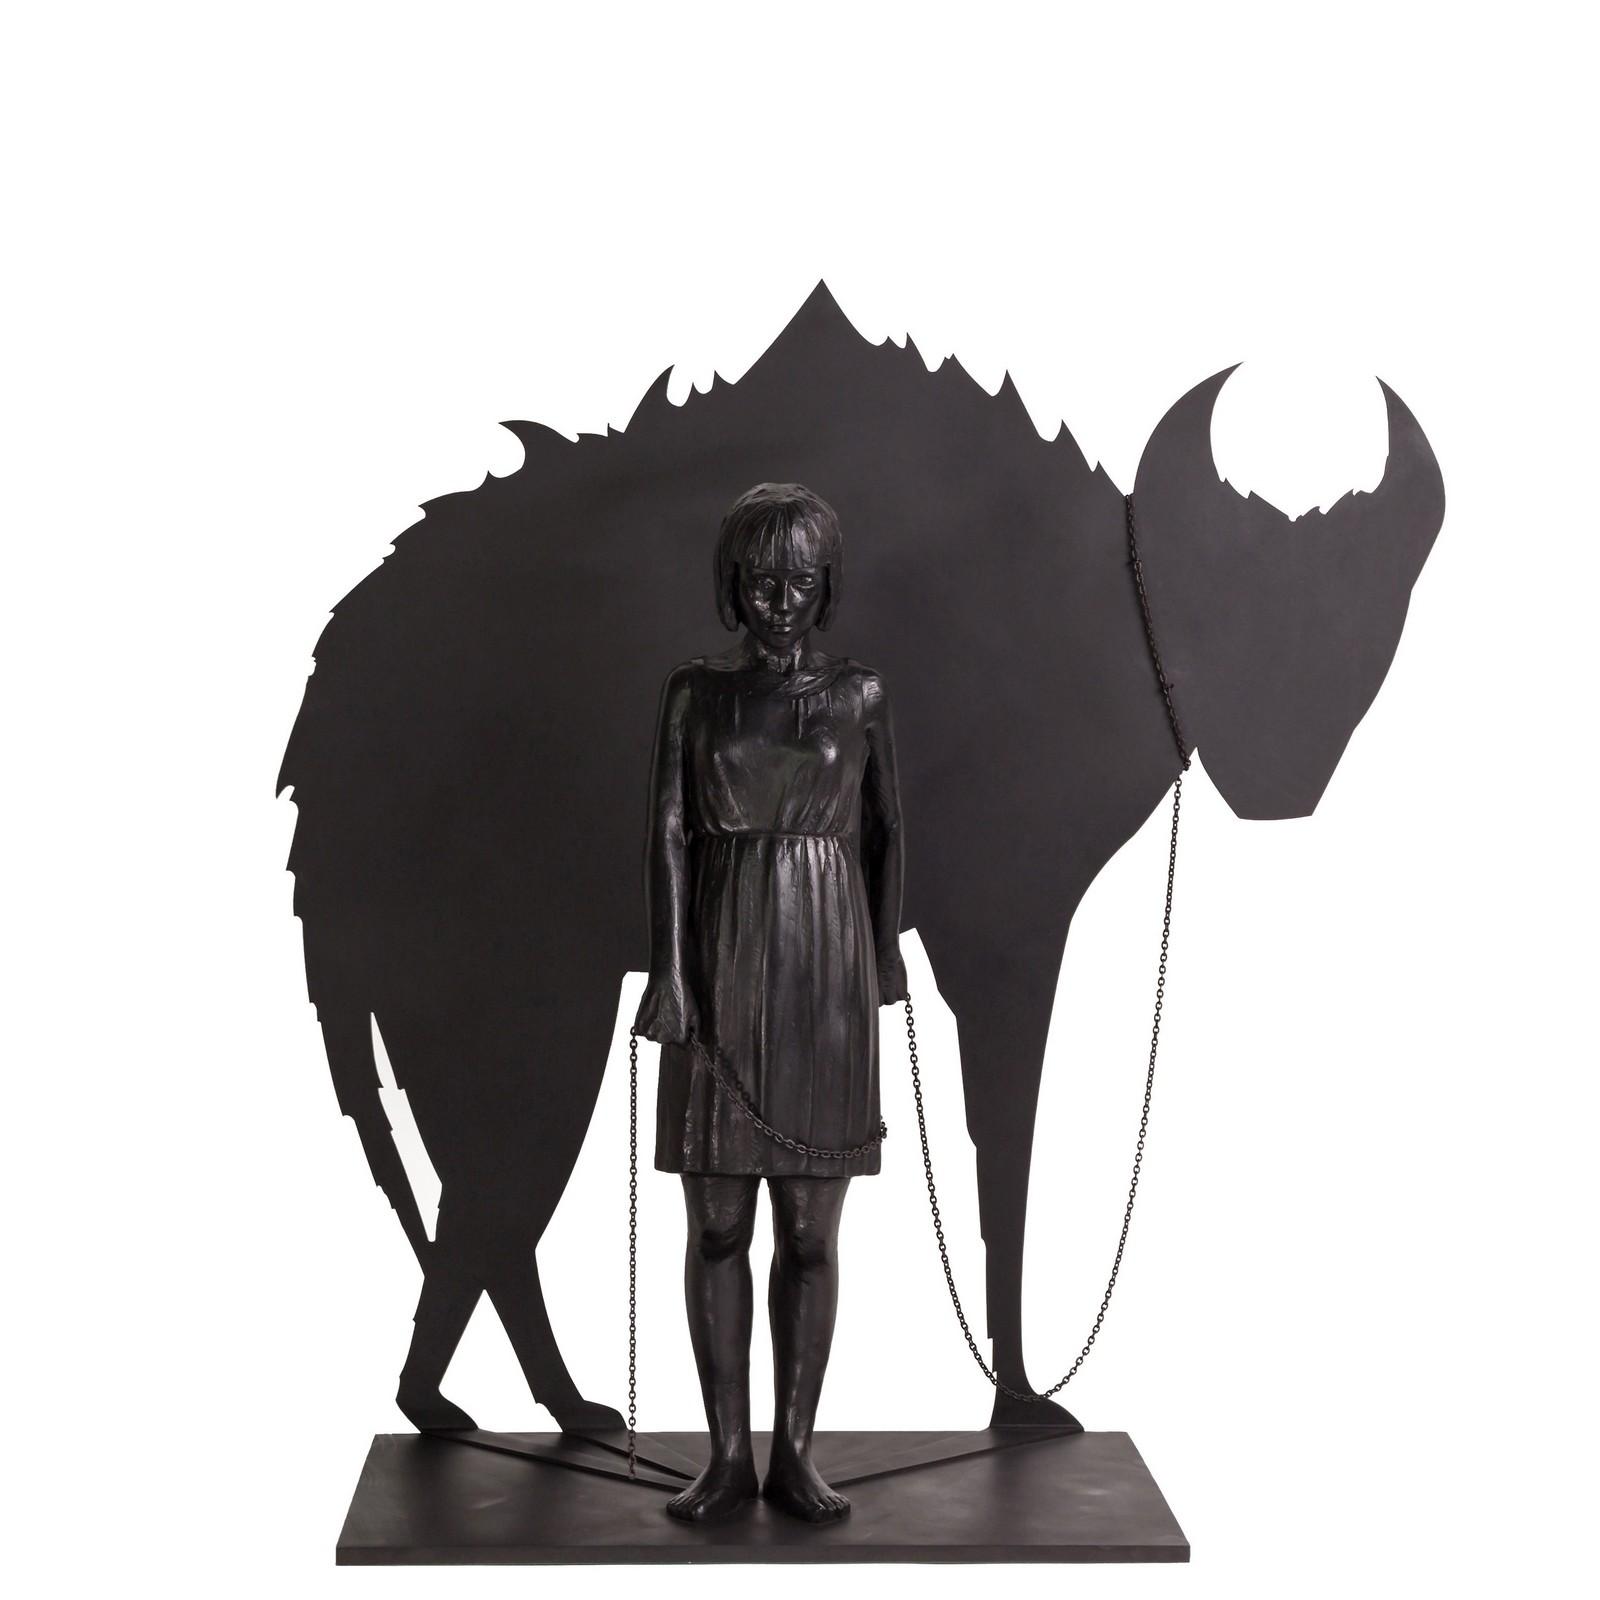 2015, bronze, 5/7, 57 x 58 x 25 cm